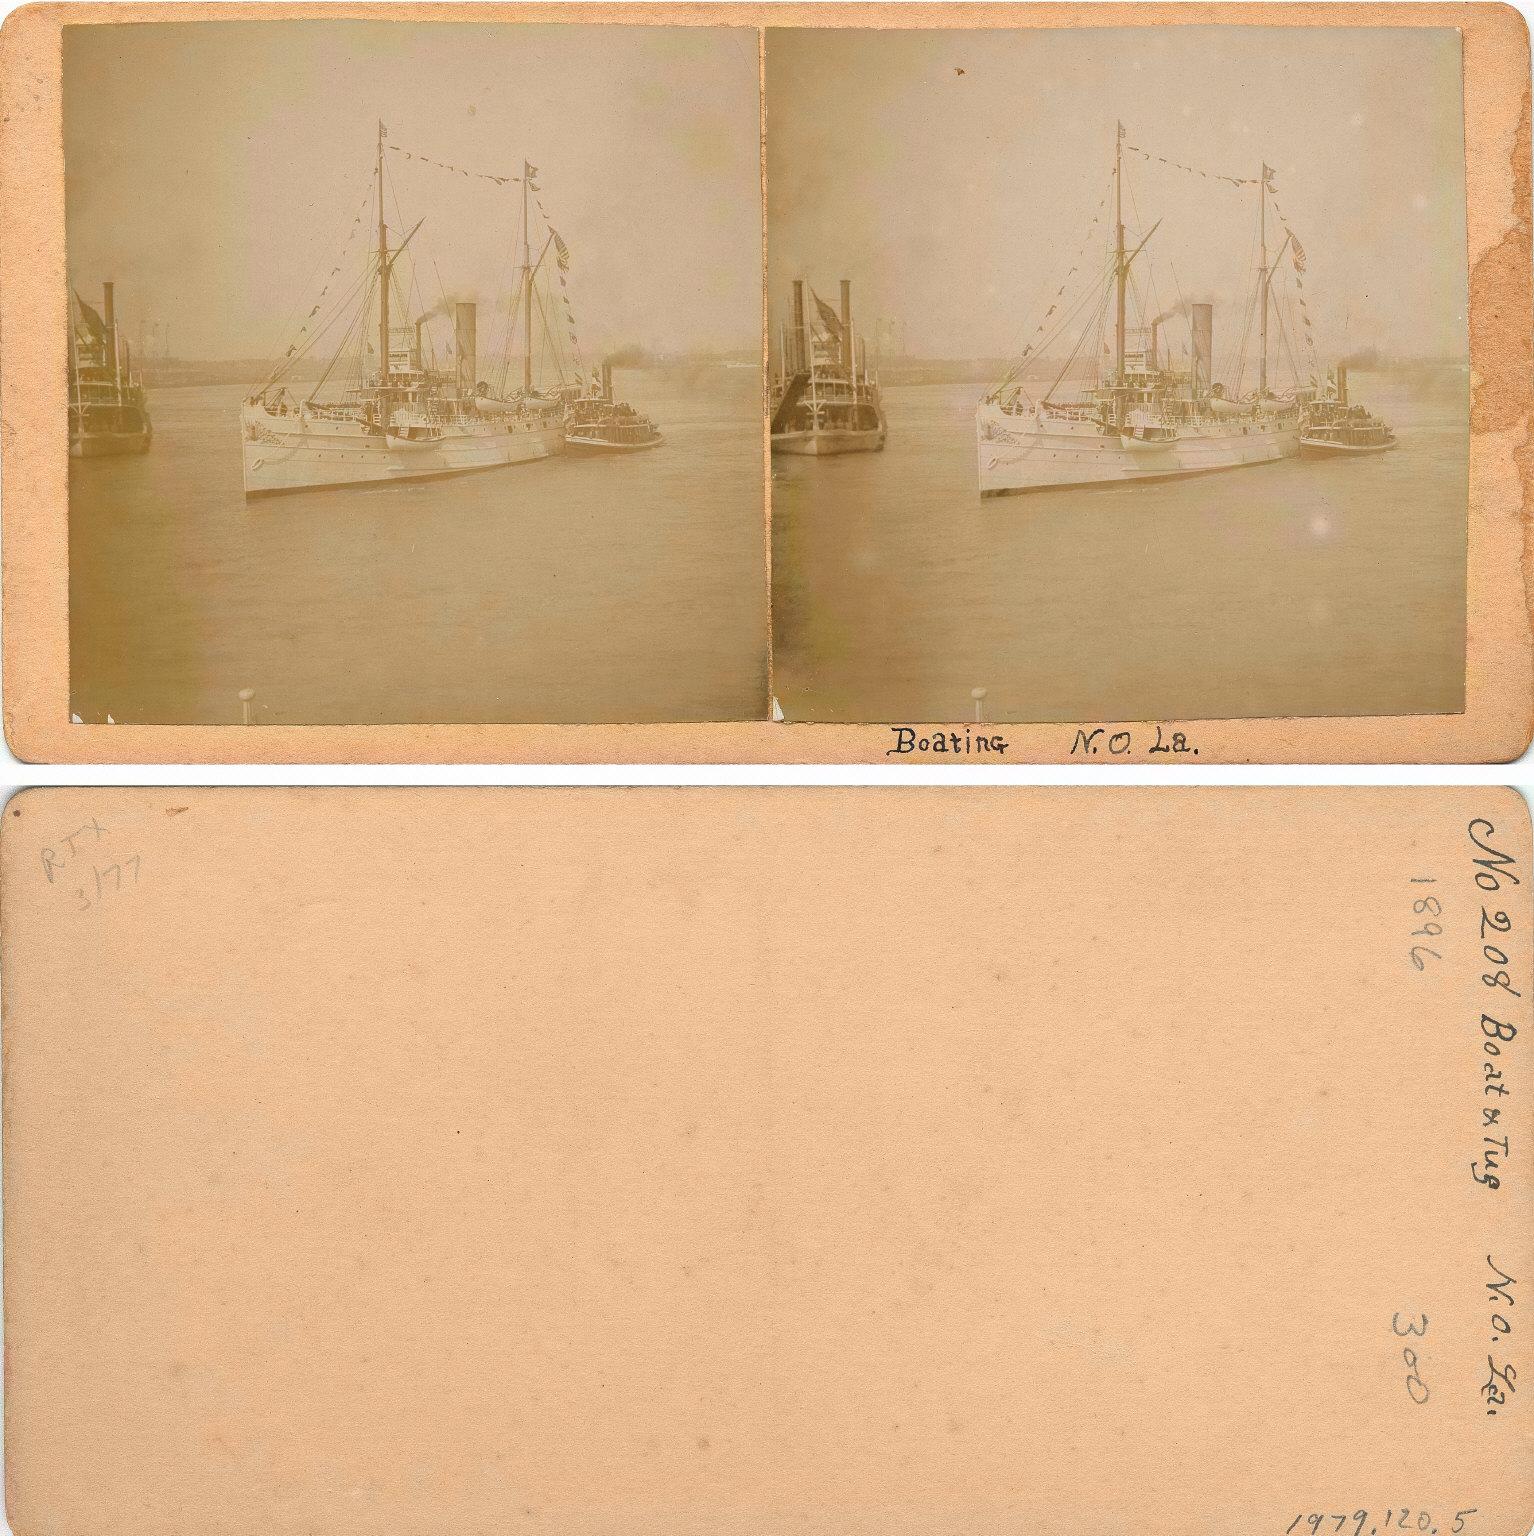 Mardi Gras 1896